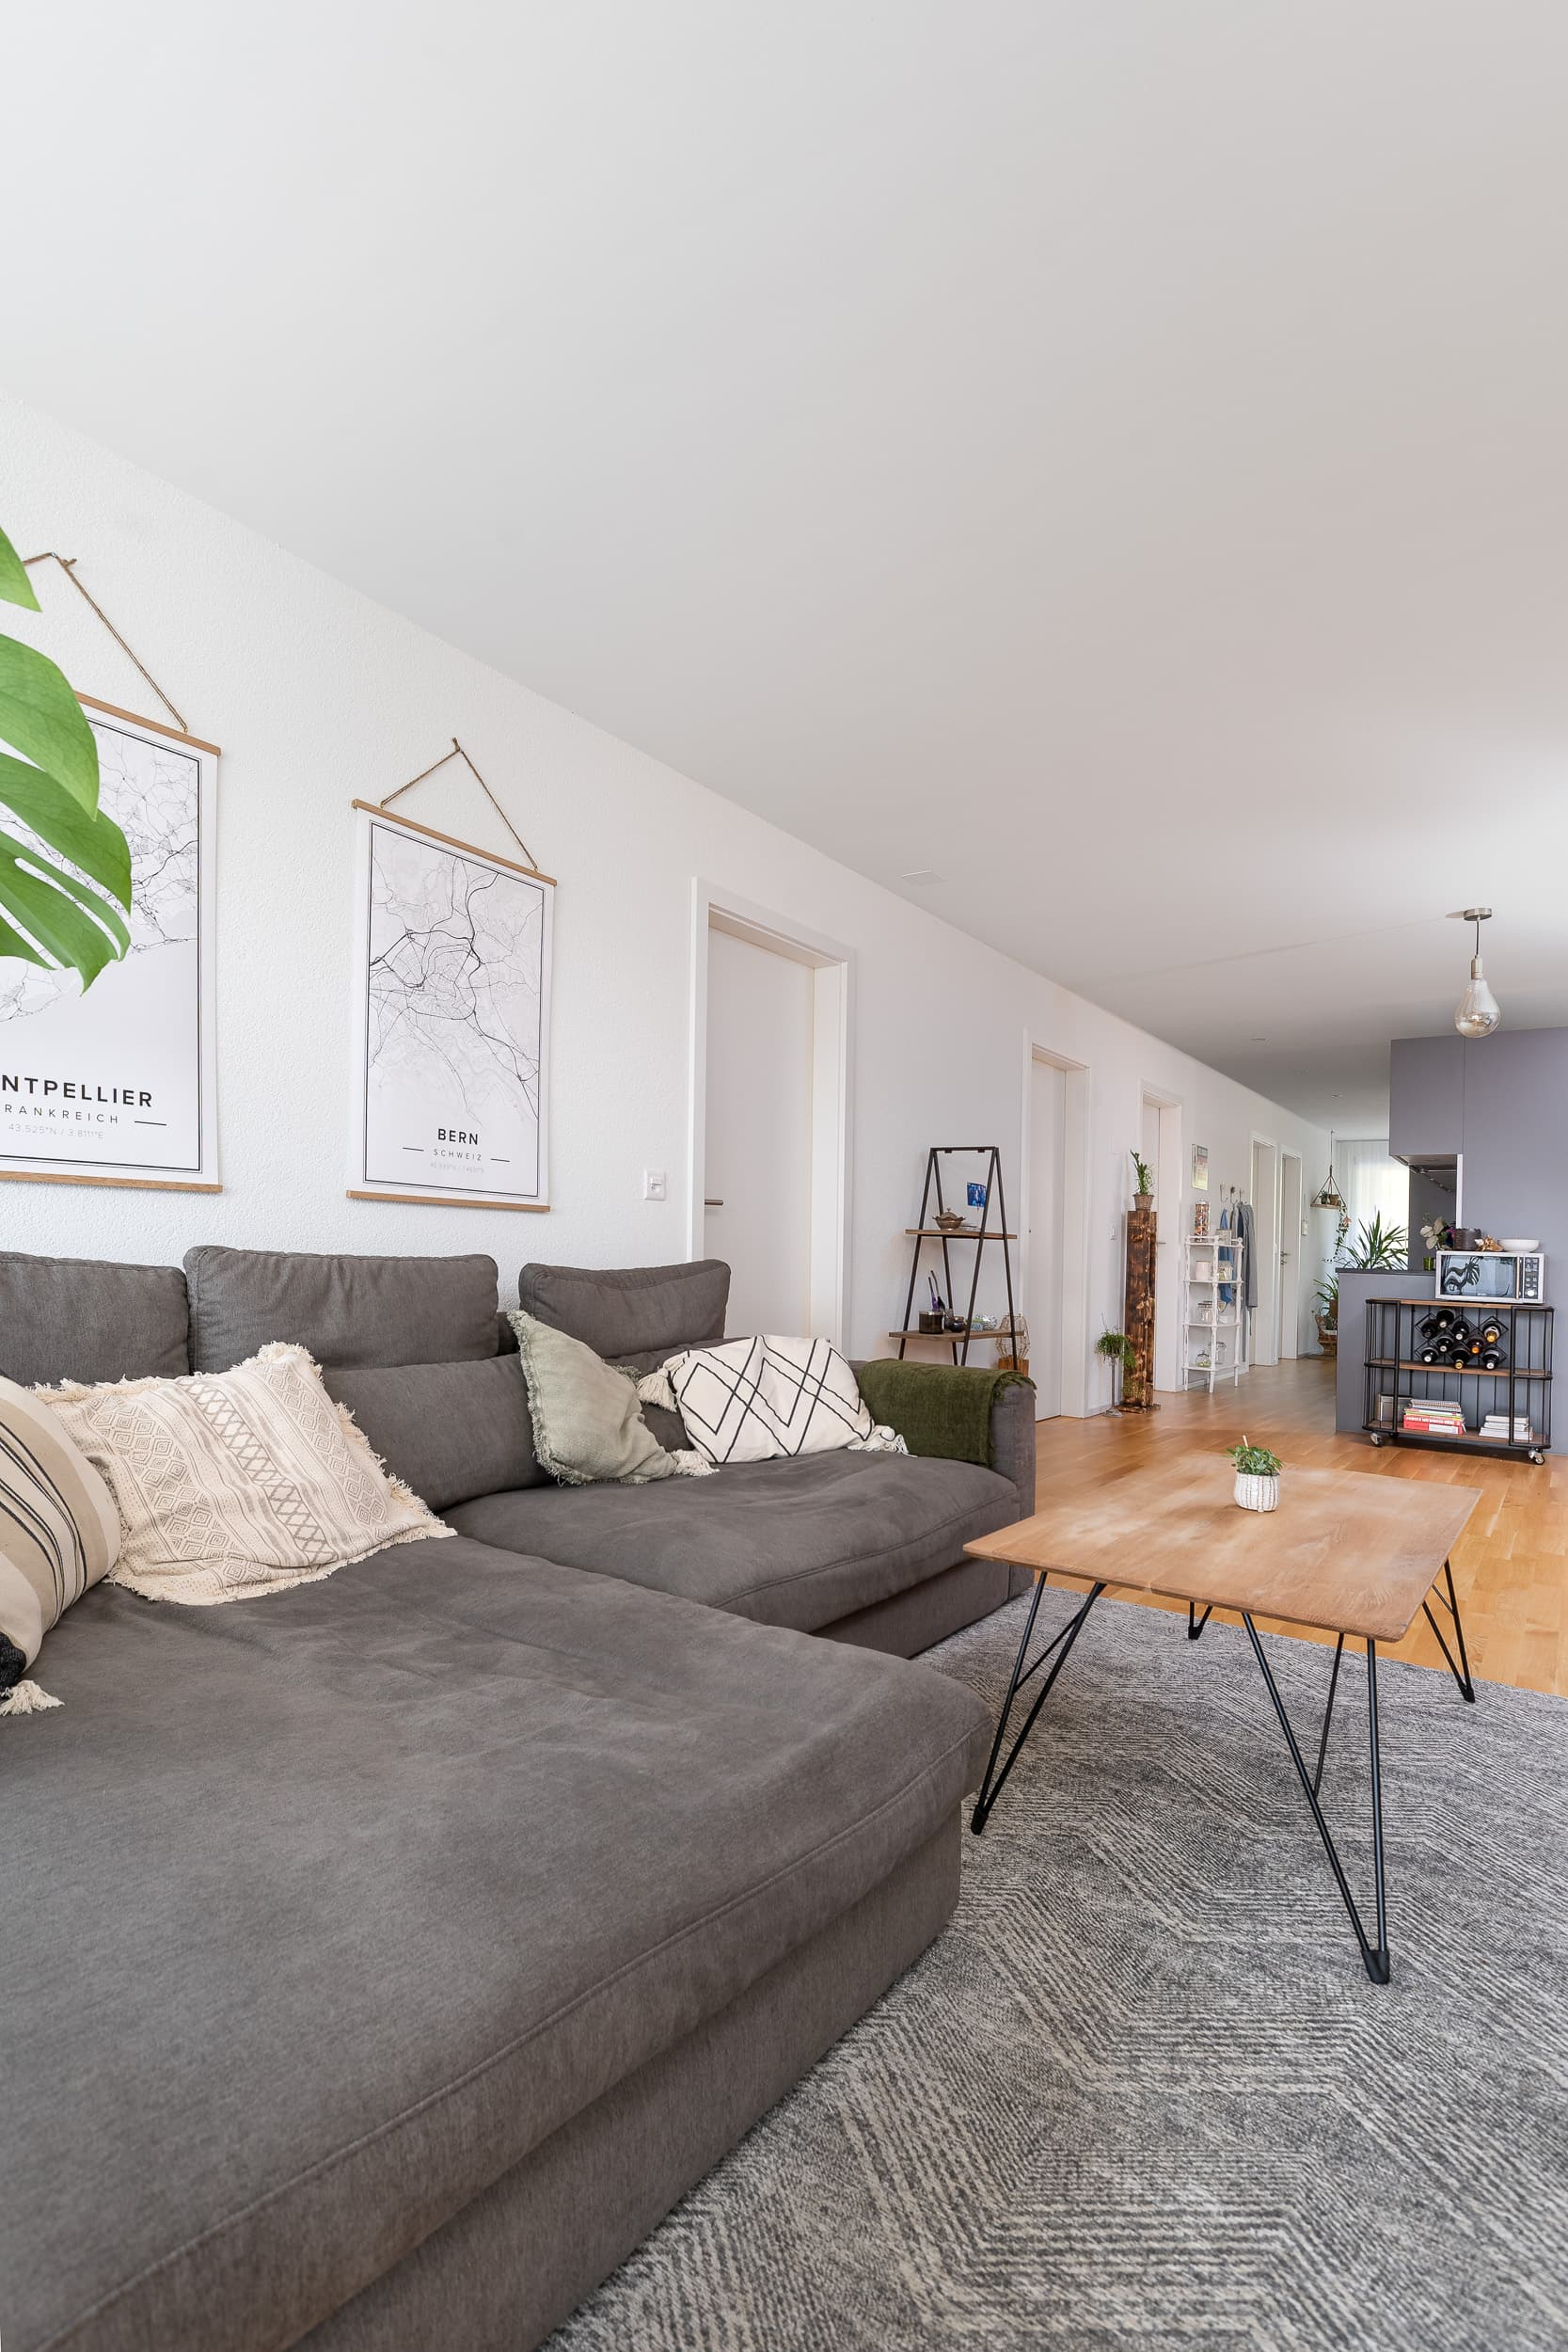 Neubauwohnung Sommerrain Ostermundigen - Wohnbereich